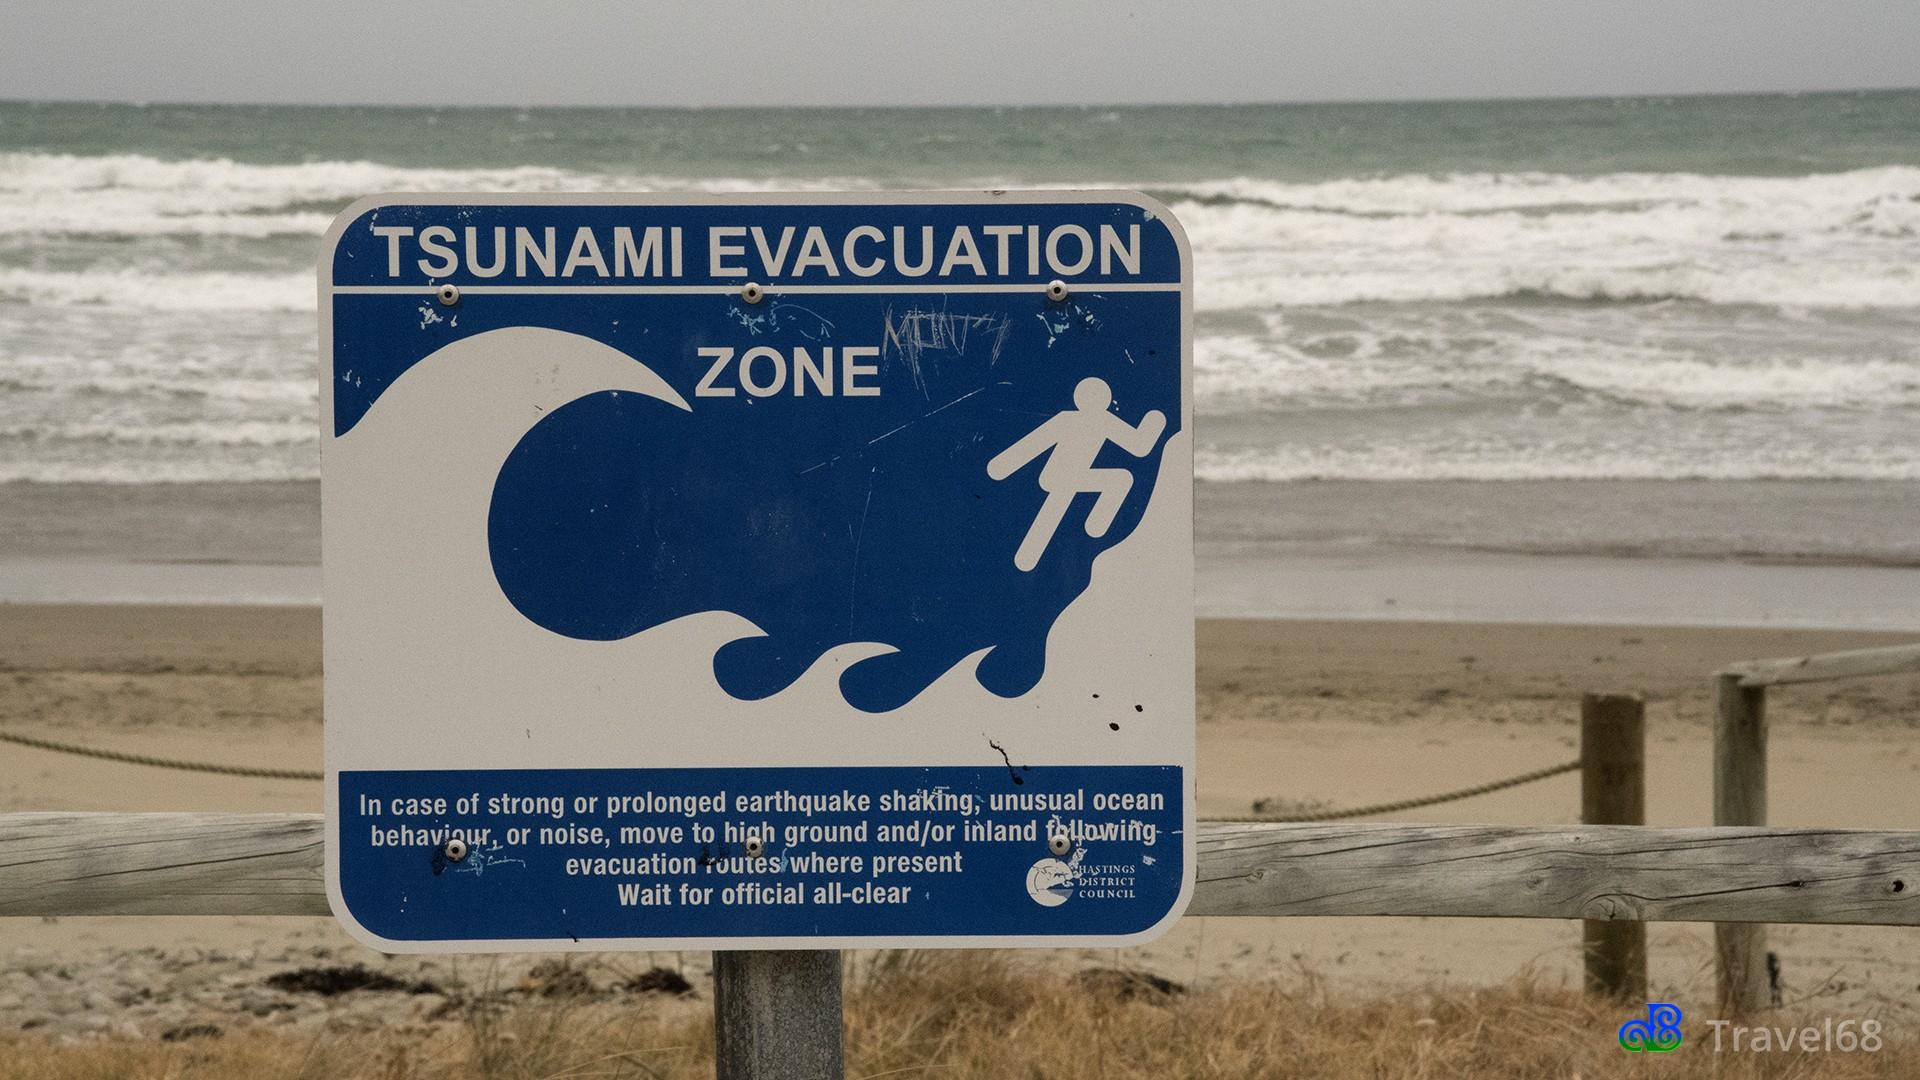 Waarschuwing voor een tsunami